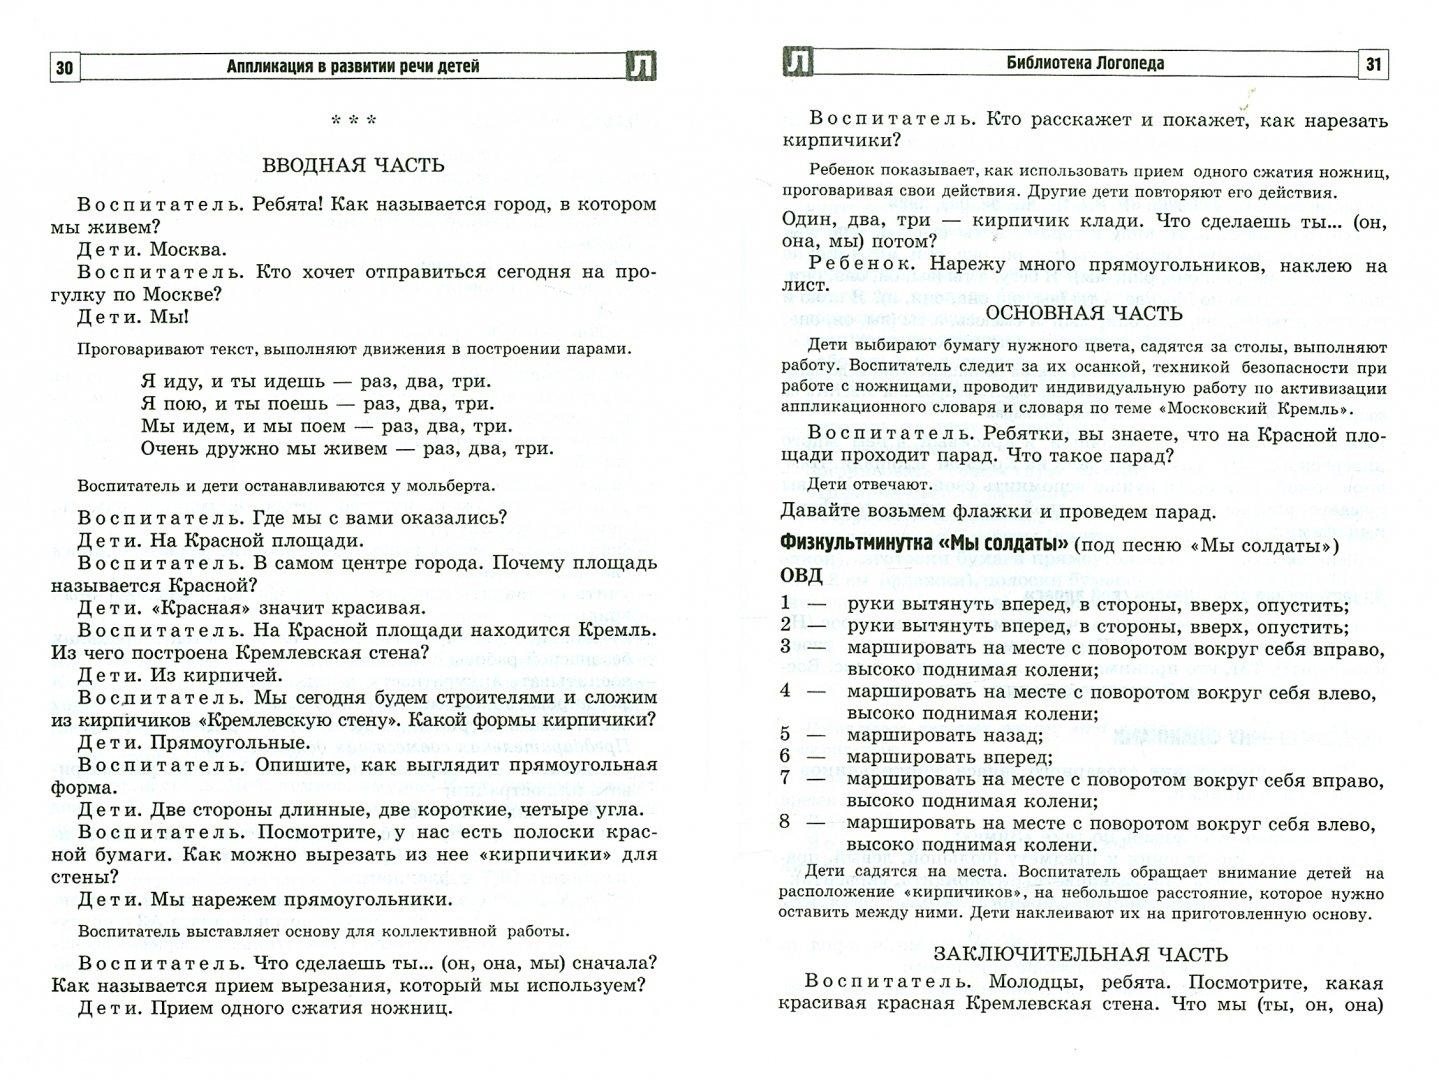 Иллюстрация 1 из 16 для Аппликация в развитии речи детей - Нестерова, Танцюра | Лабиринт - книги. Источник: Лабиринт